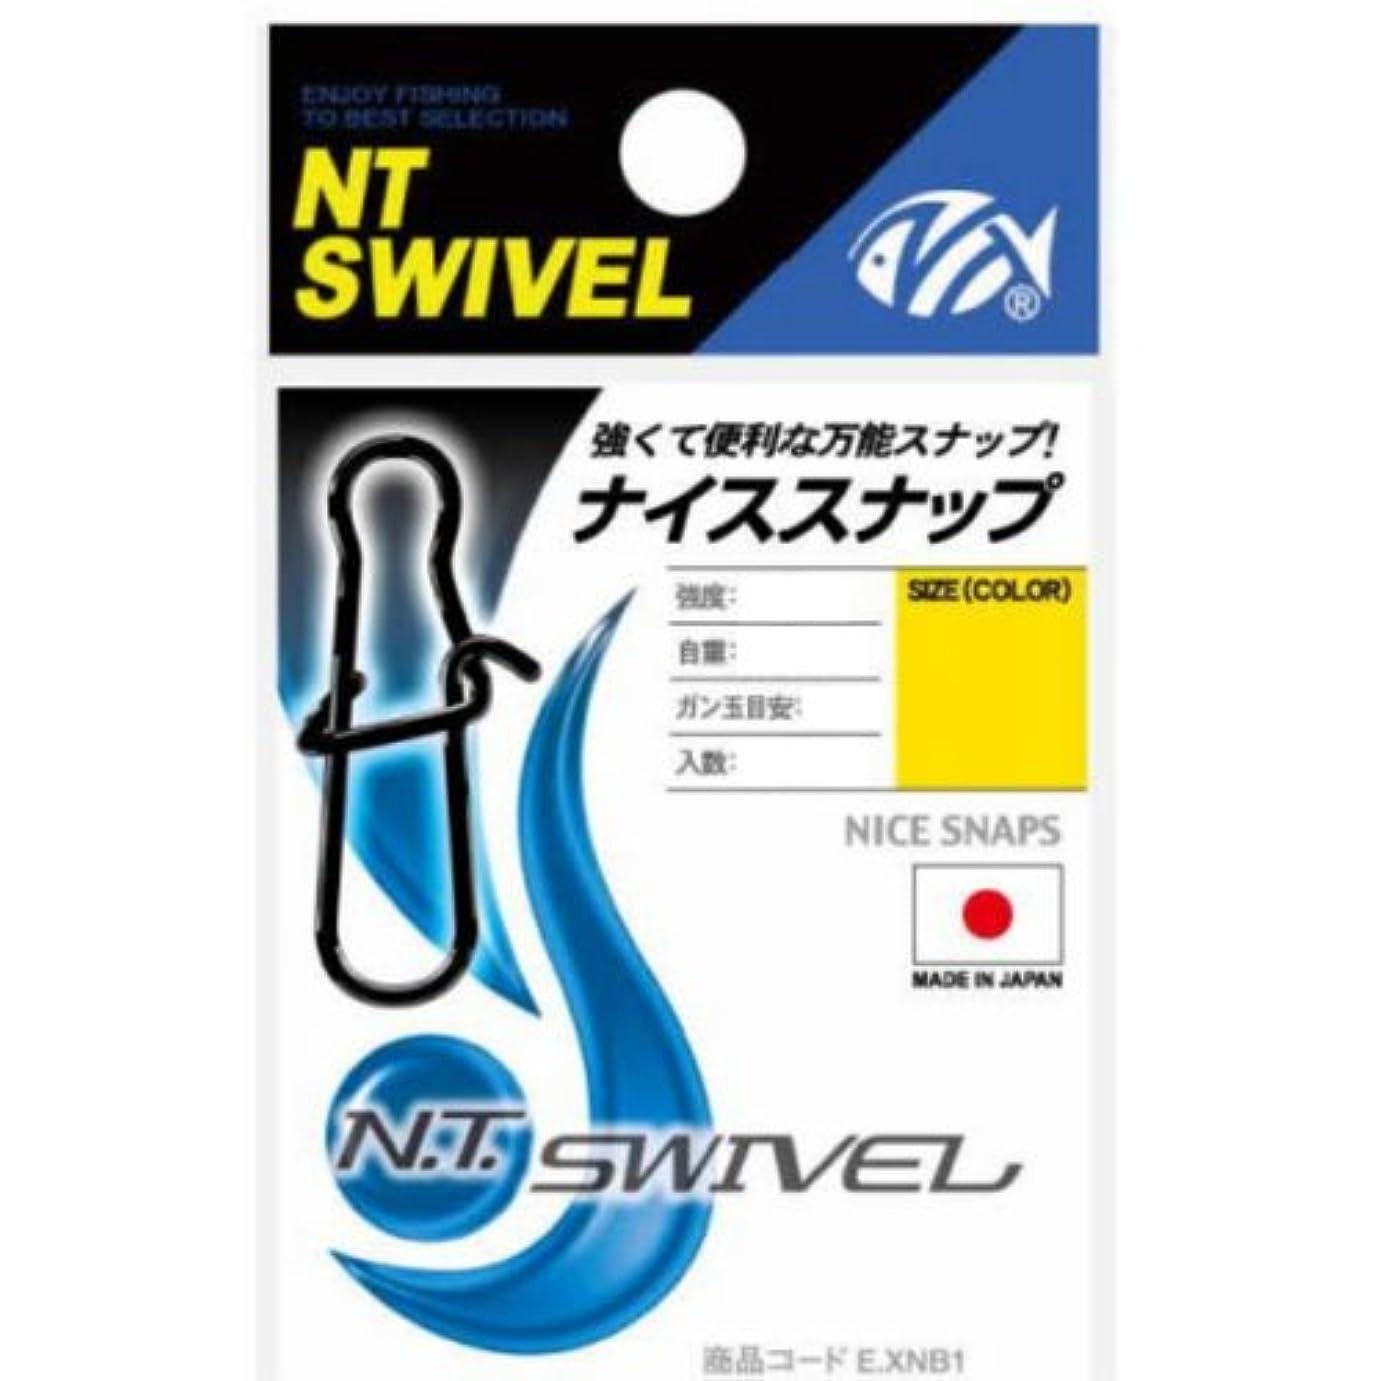 凍った定期的暴徒NTスイベル(N.T.SWIVEL) ナイススナップ クロ #5